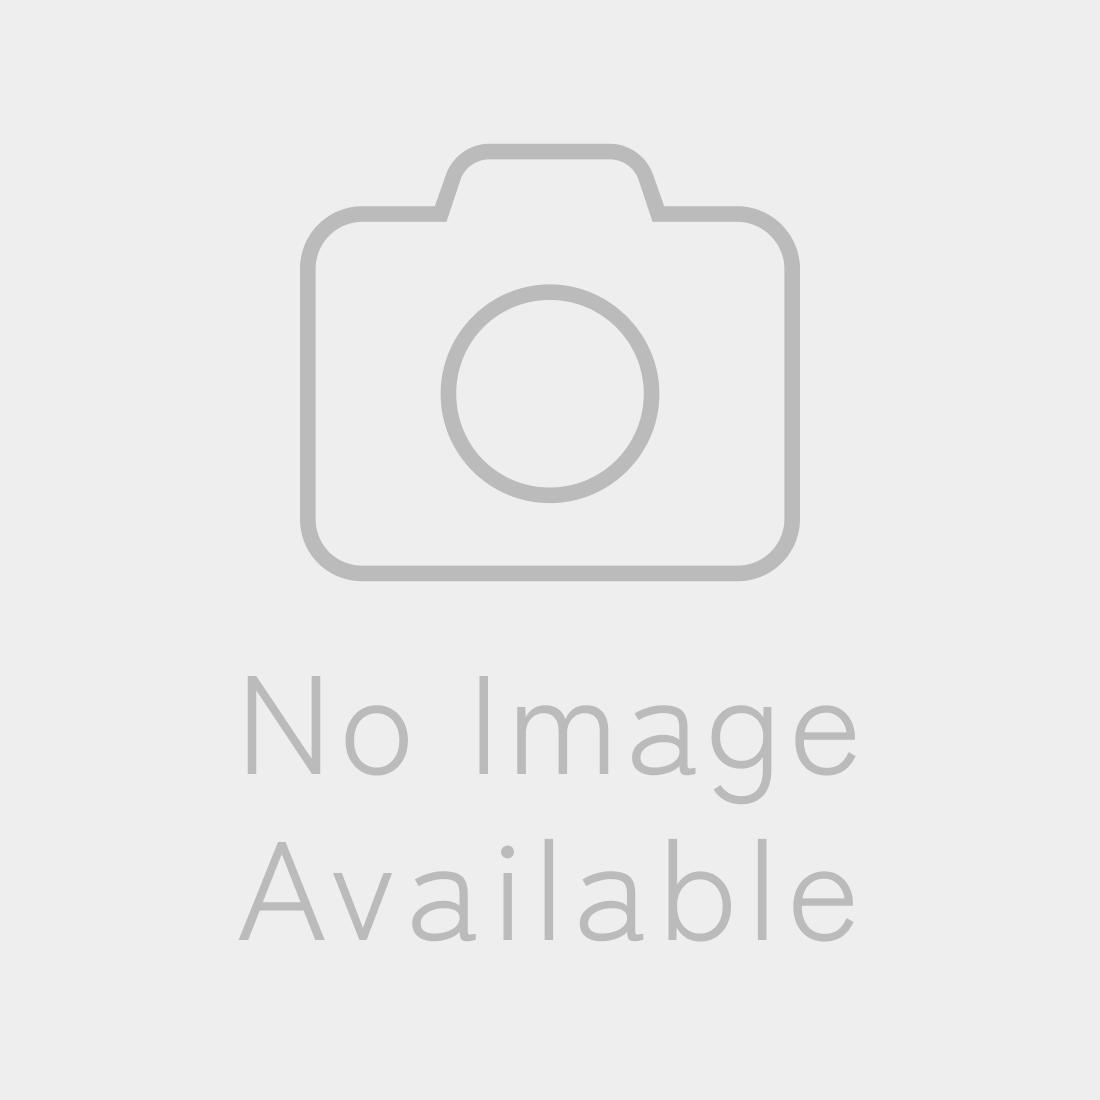 EAT4BIRD